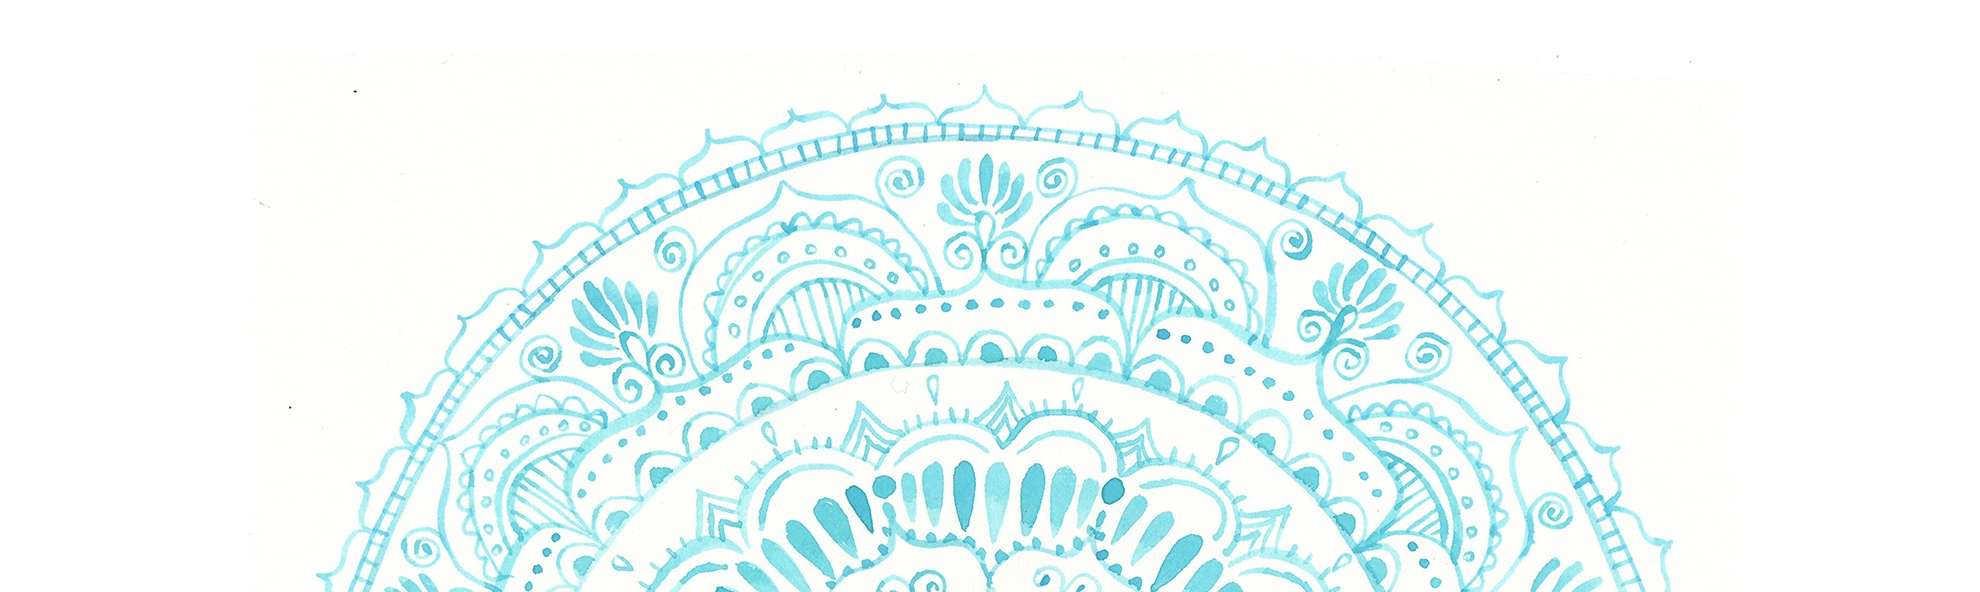 Mandala-Yoga-Art-Watercolor.jpg